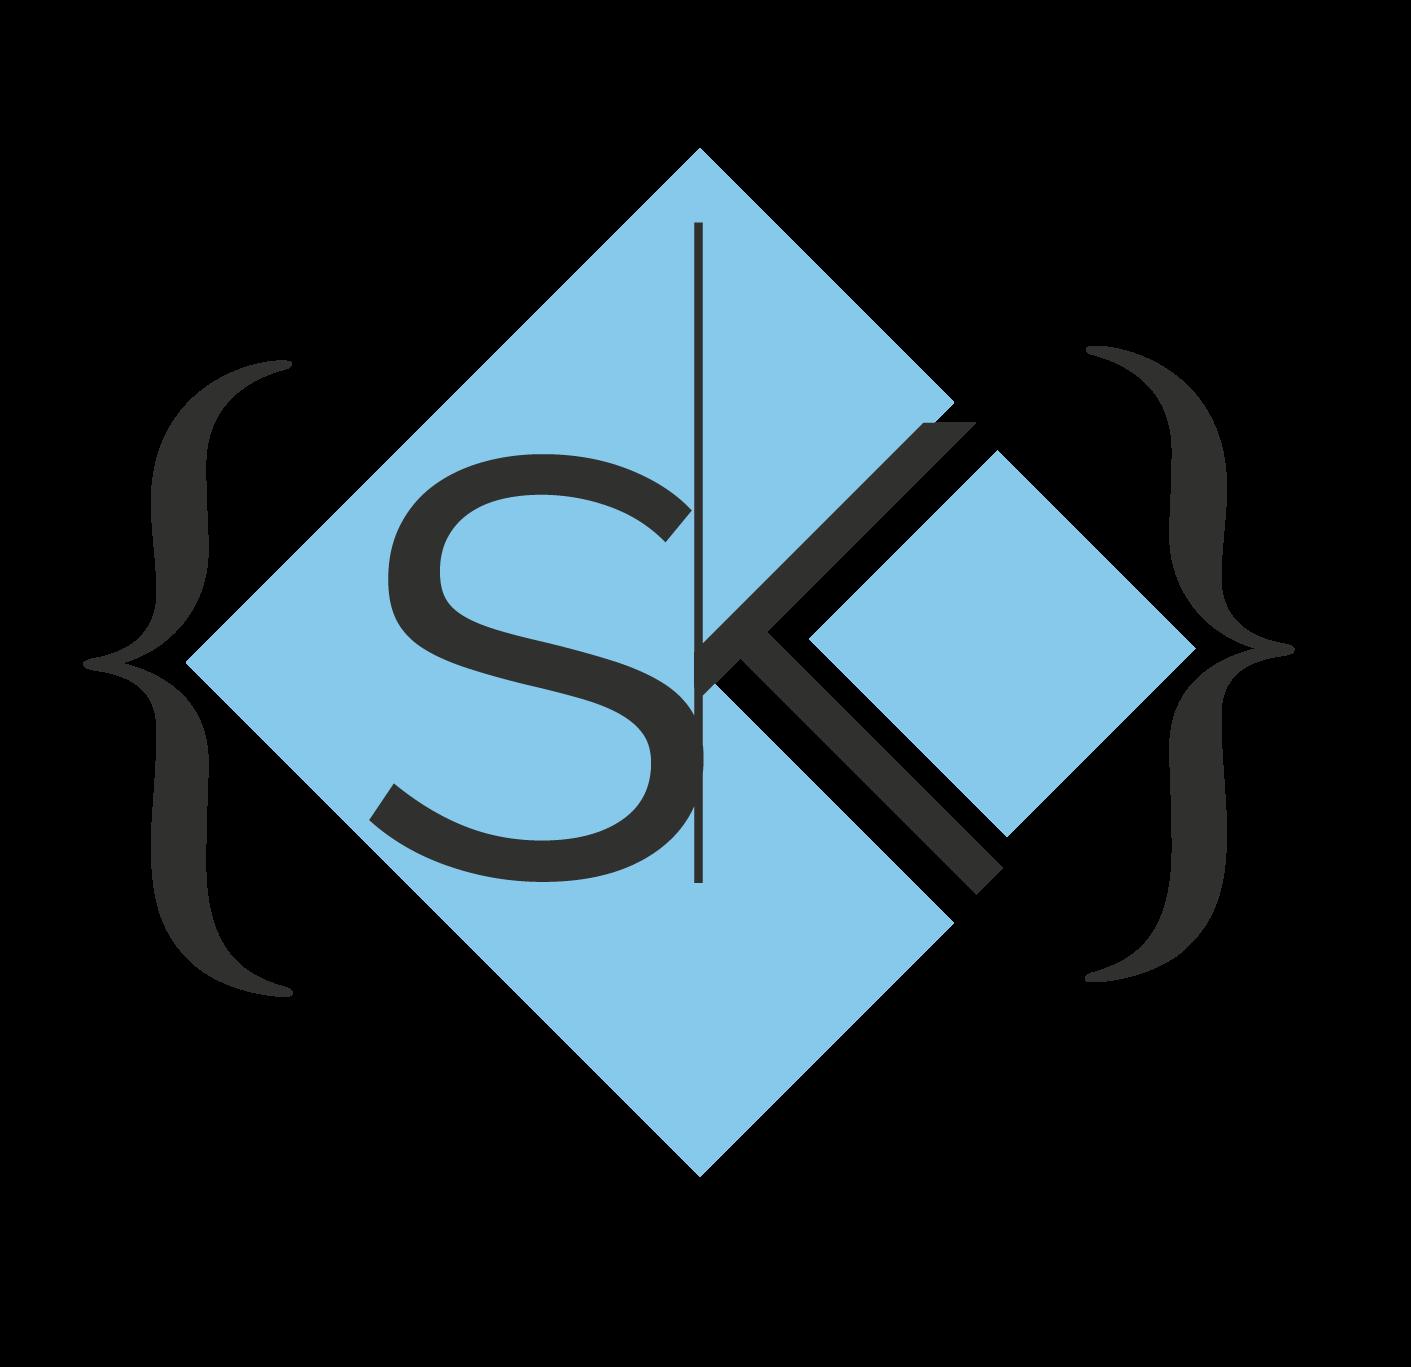 SK Digital Studio